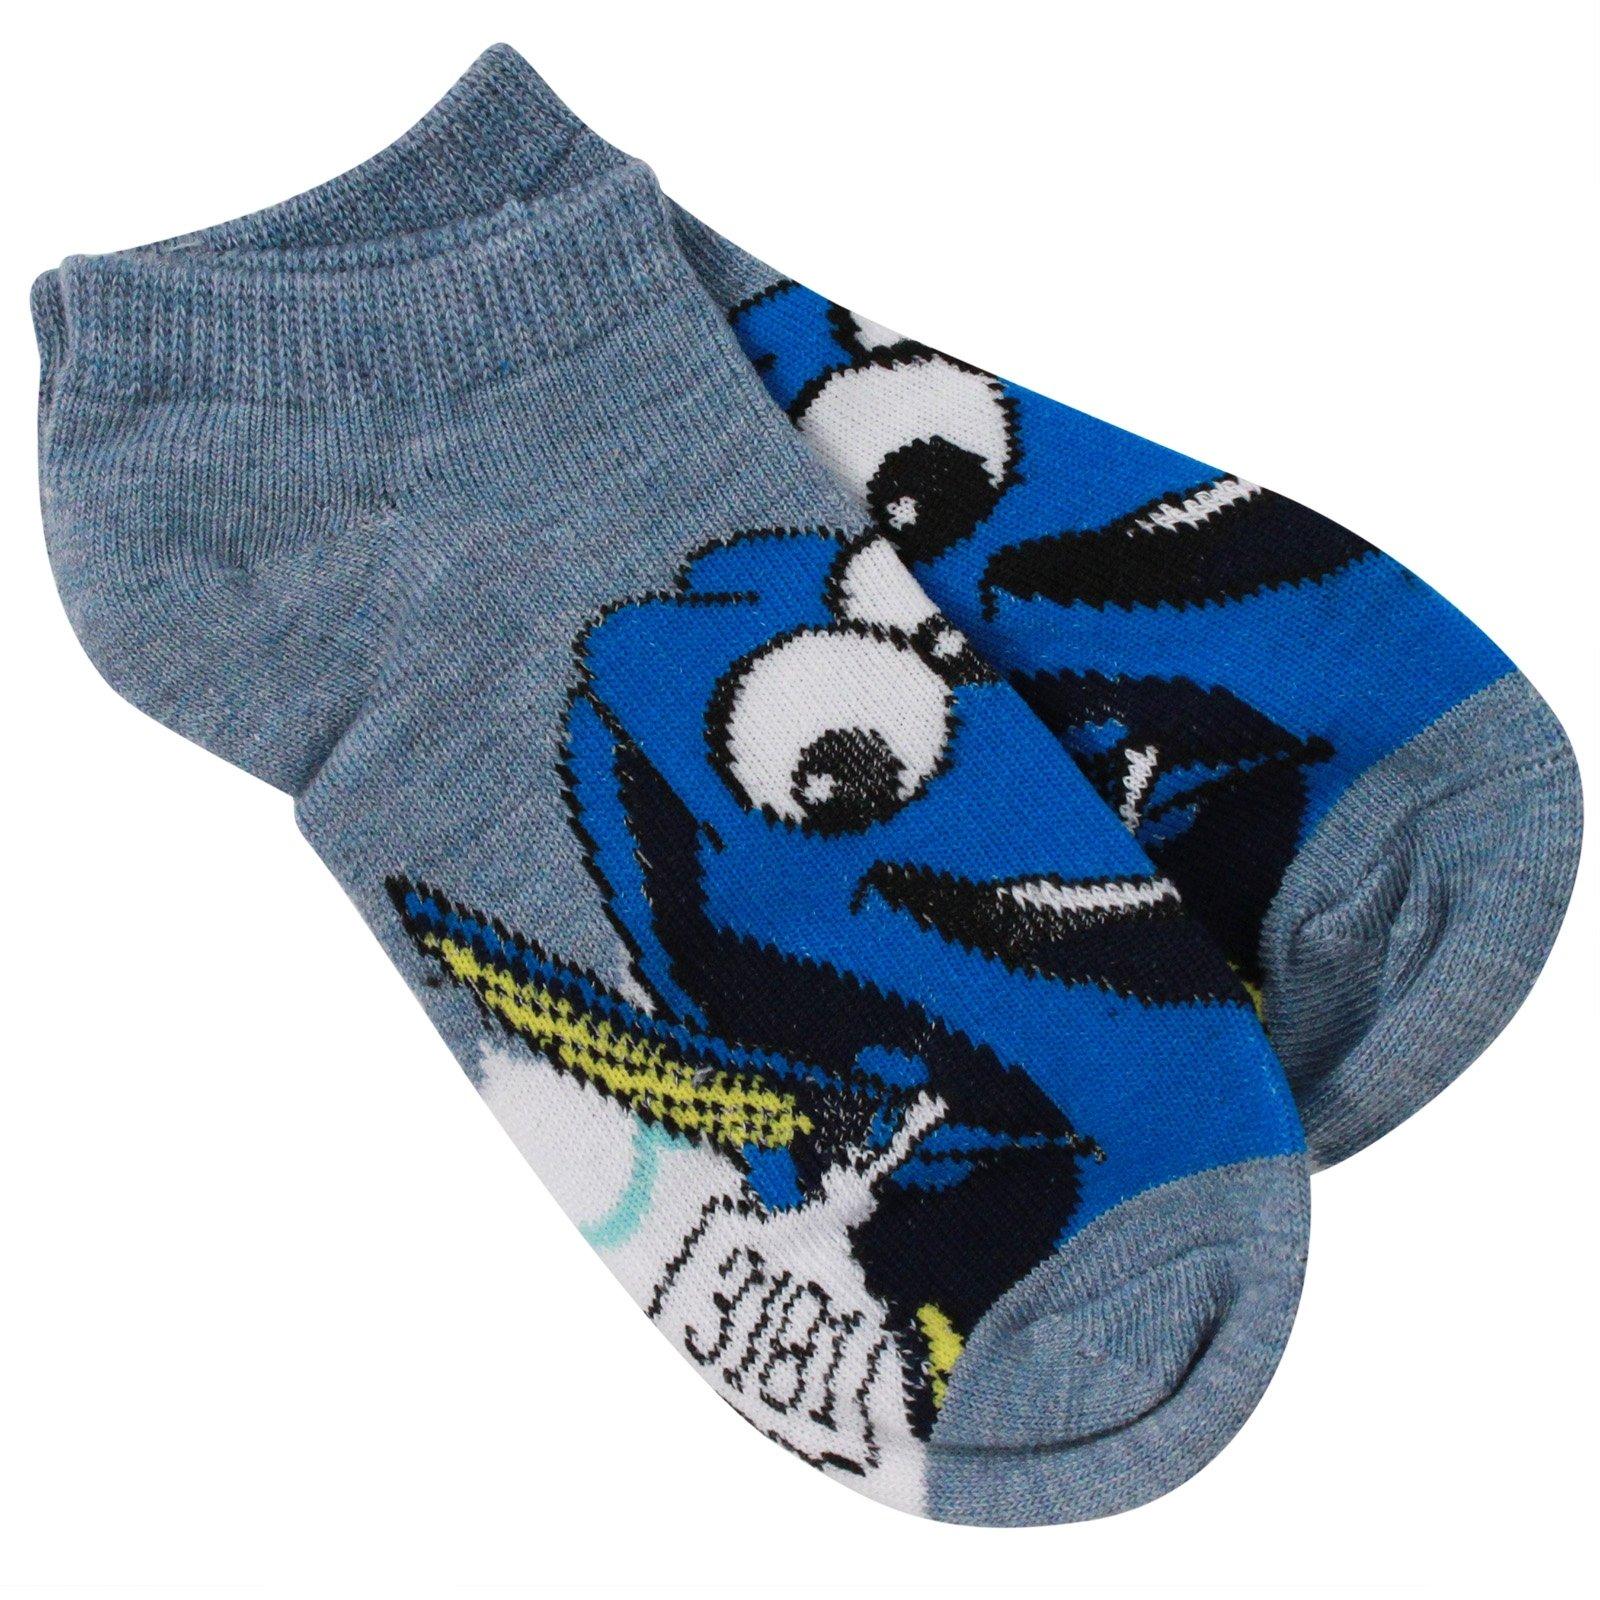 Disney Pixar Finding Dory Girls Ankle Socks Sizes 6-8.5